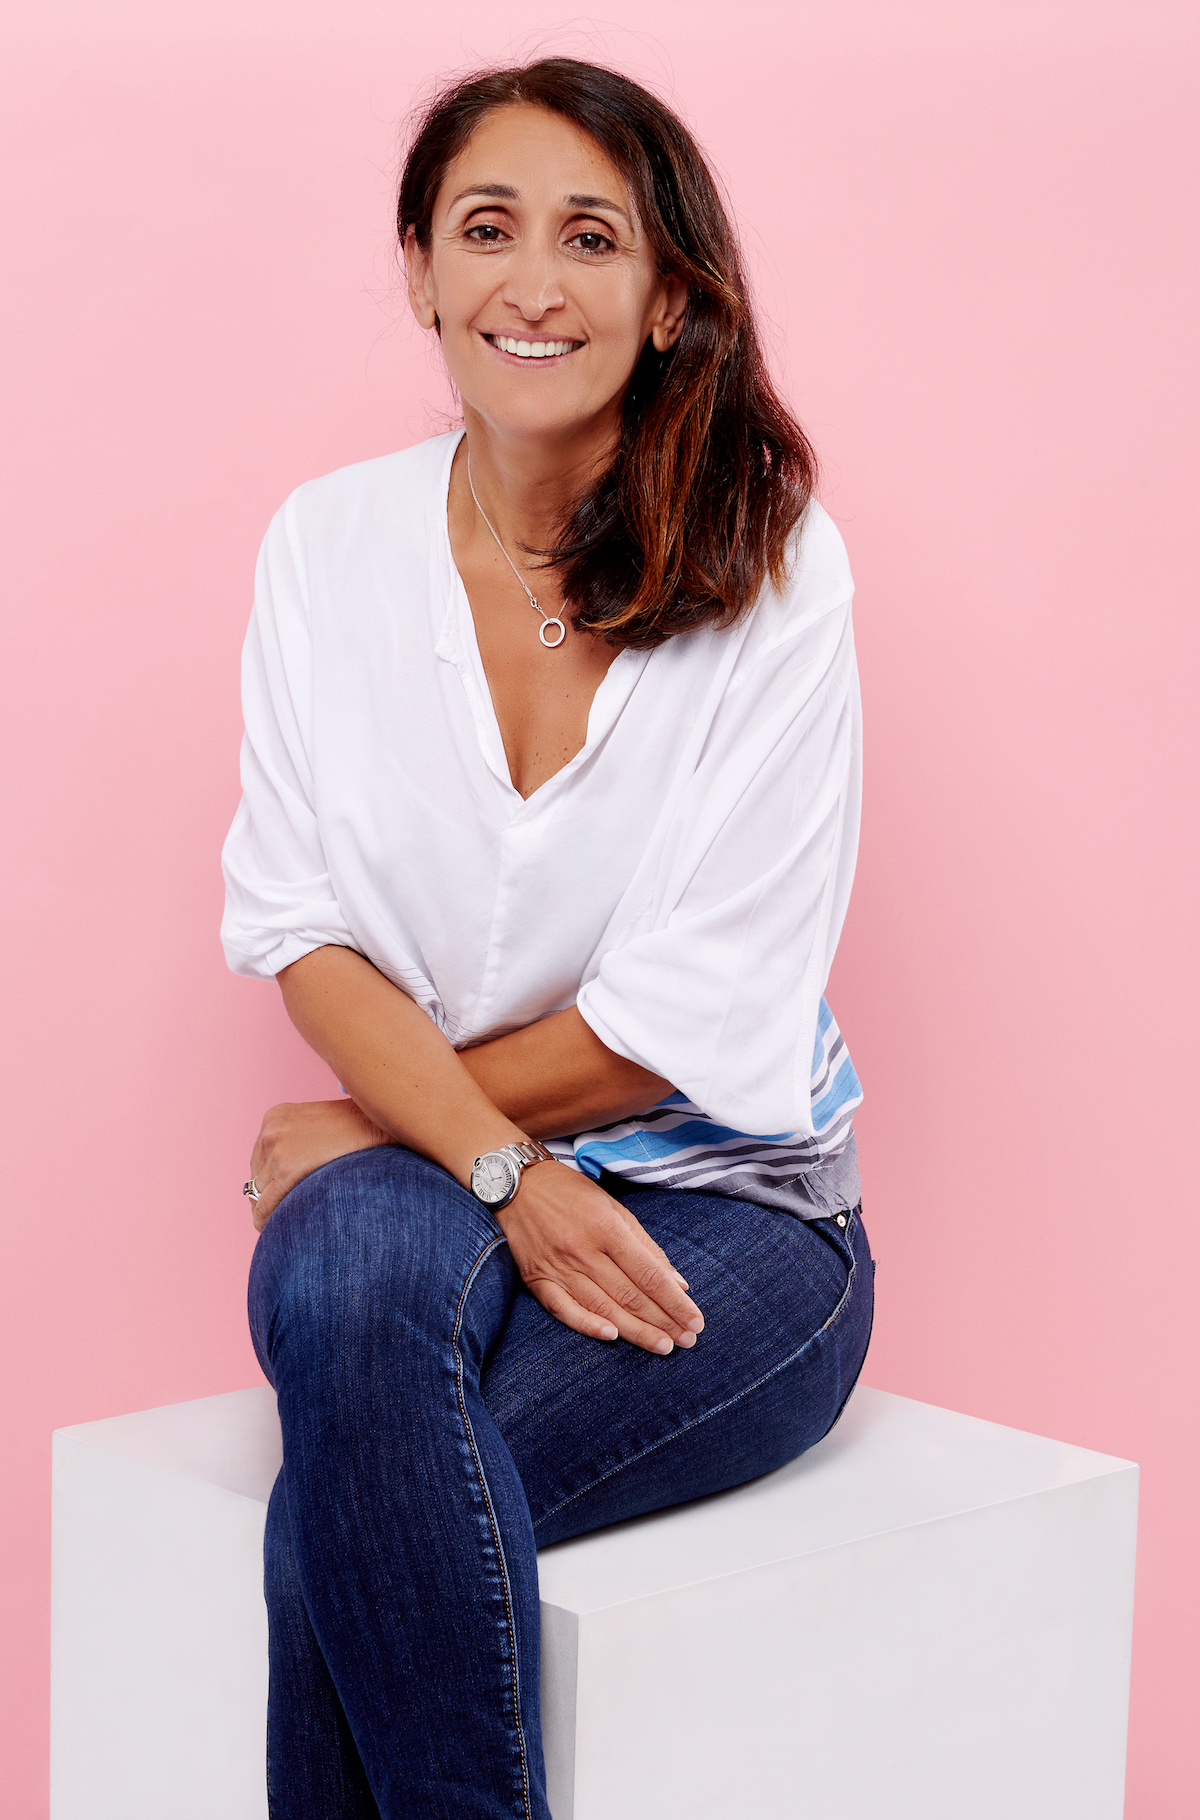 Freda's co-founder Afsaneh Parvizi-Wayne